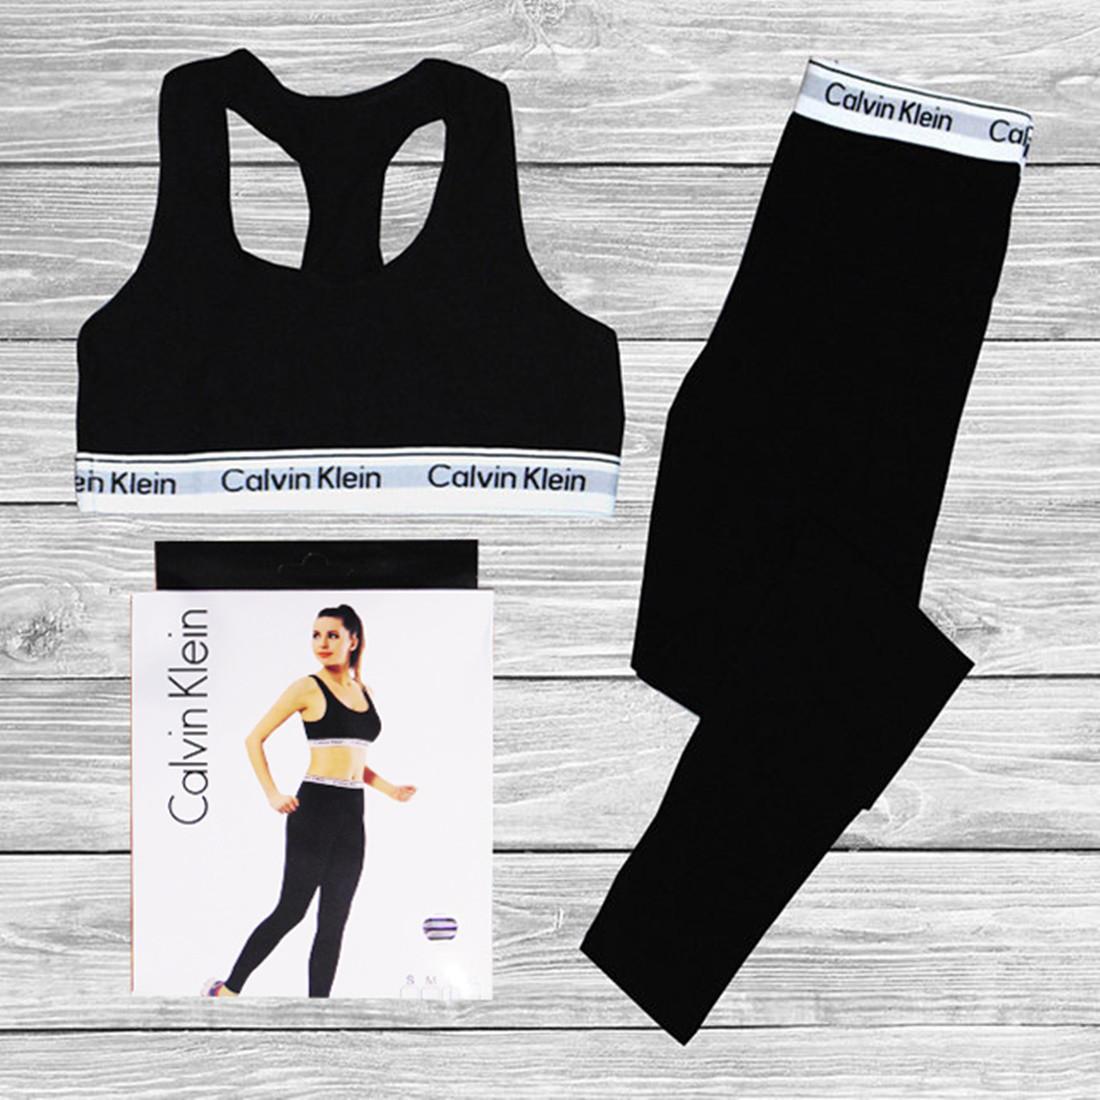 c716641fa3ab Женский спортивный комплект Calvin Klein, топ + леггинсы. комплекты нижнего  белья ...